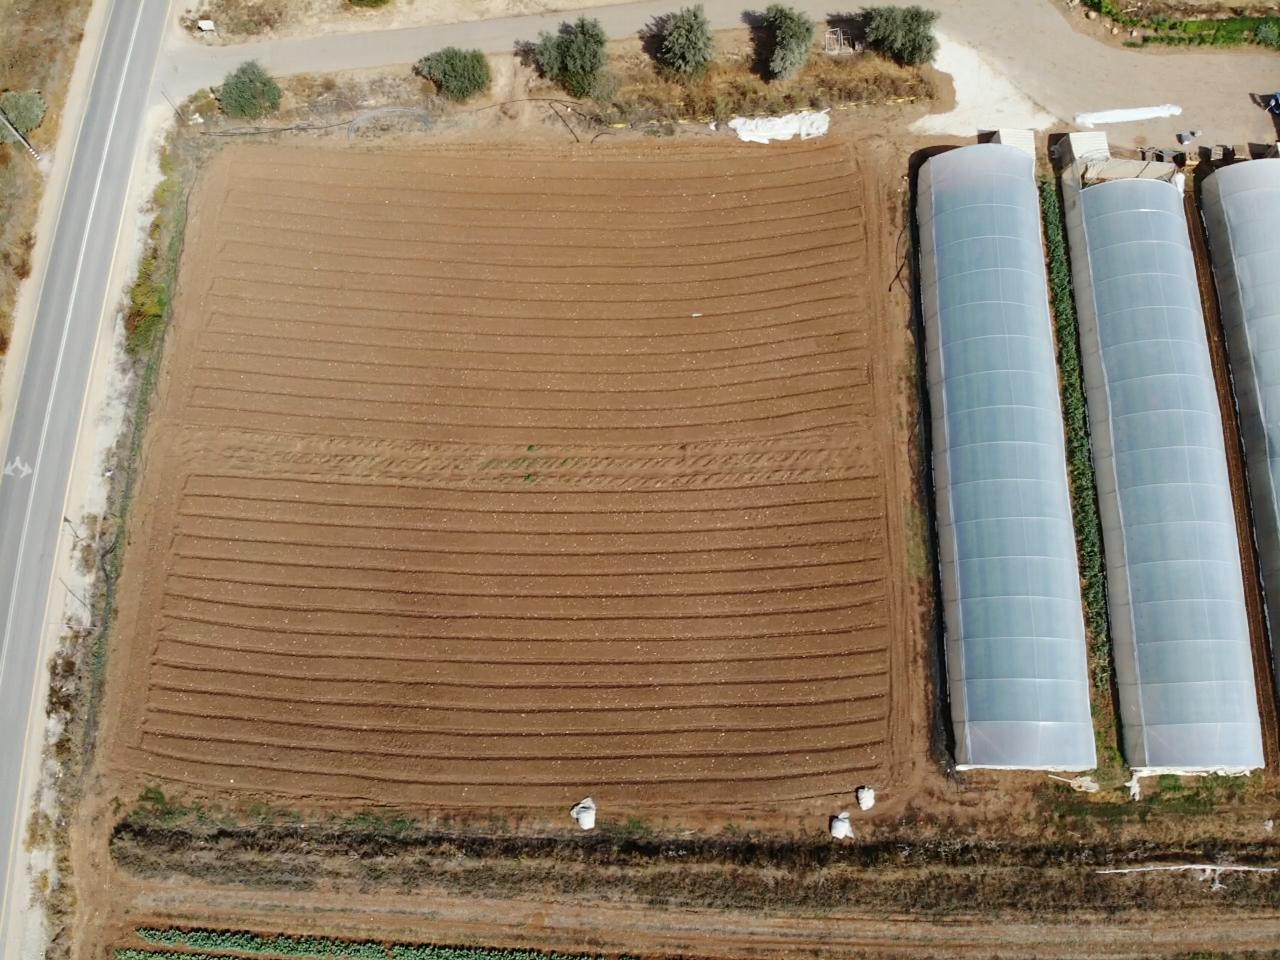 nacham farm